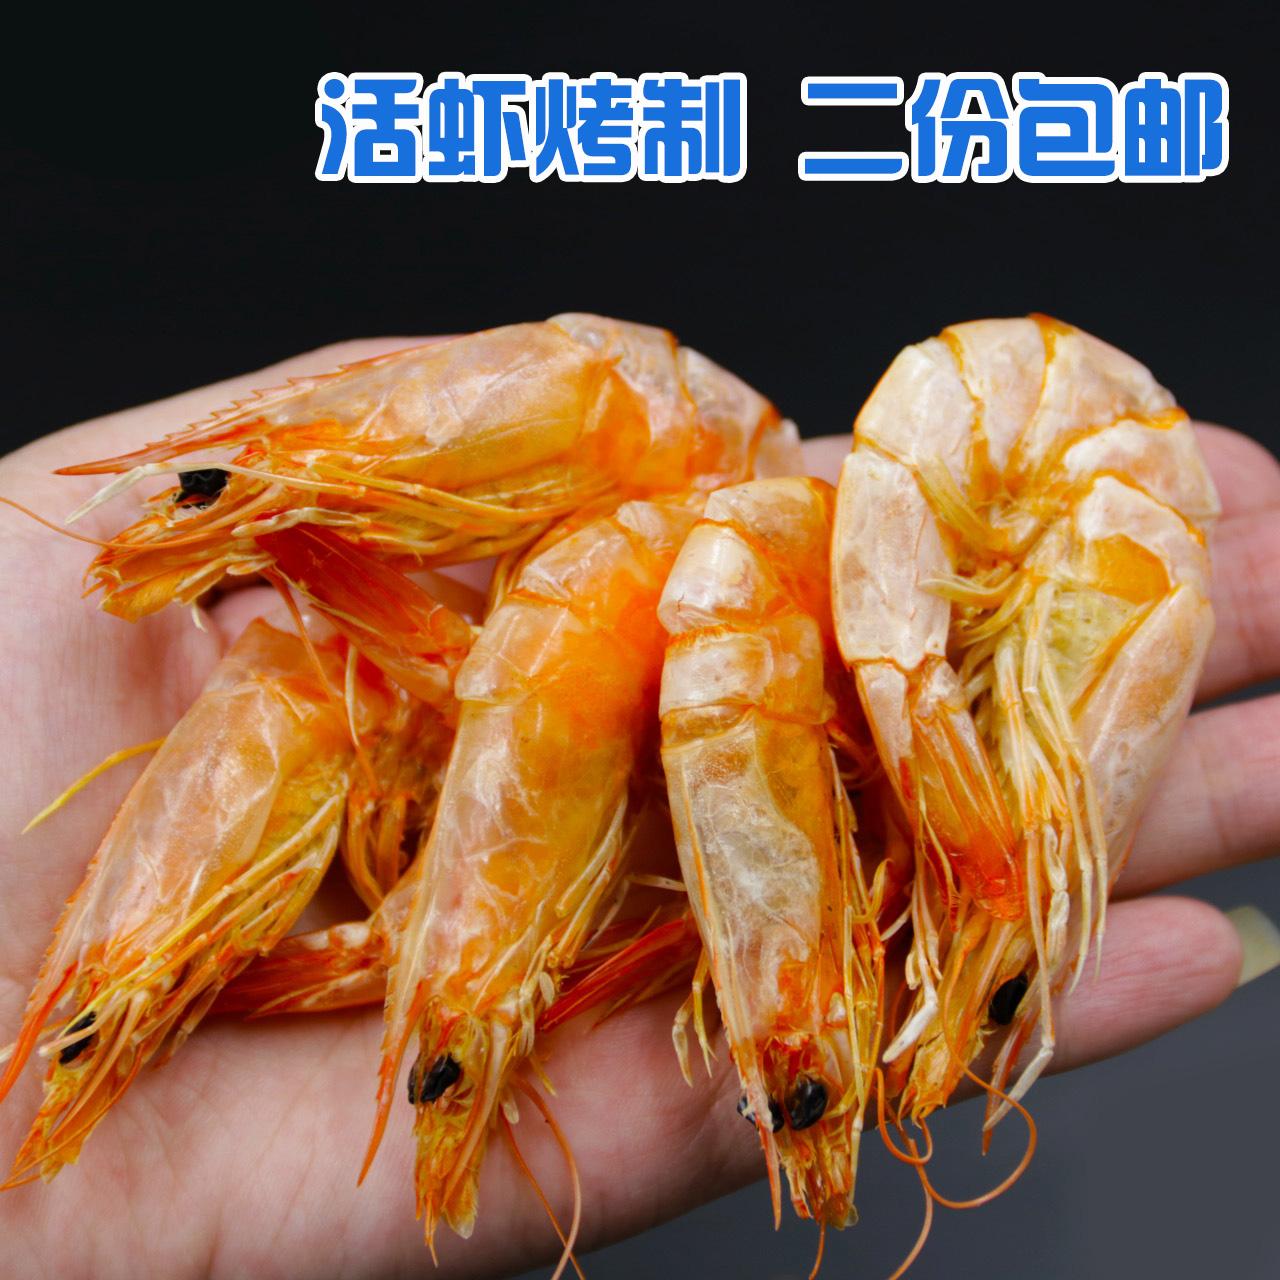 特级舟山野生虾干 对虾干 烤虾 无添加  纯淡 活虾烤制